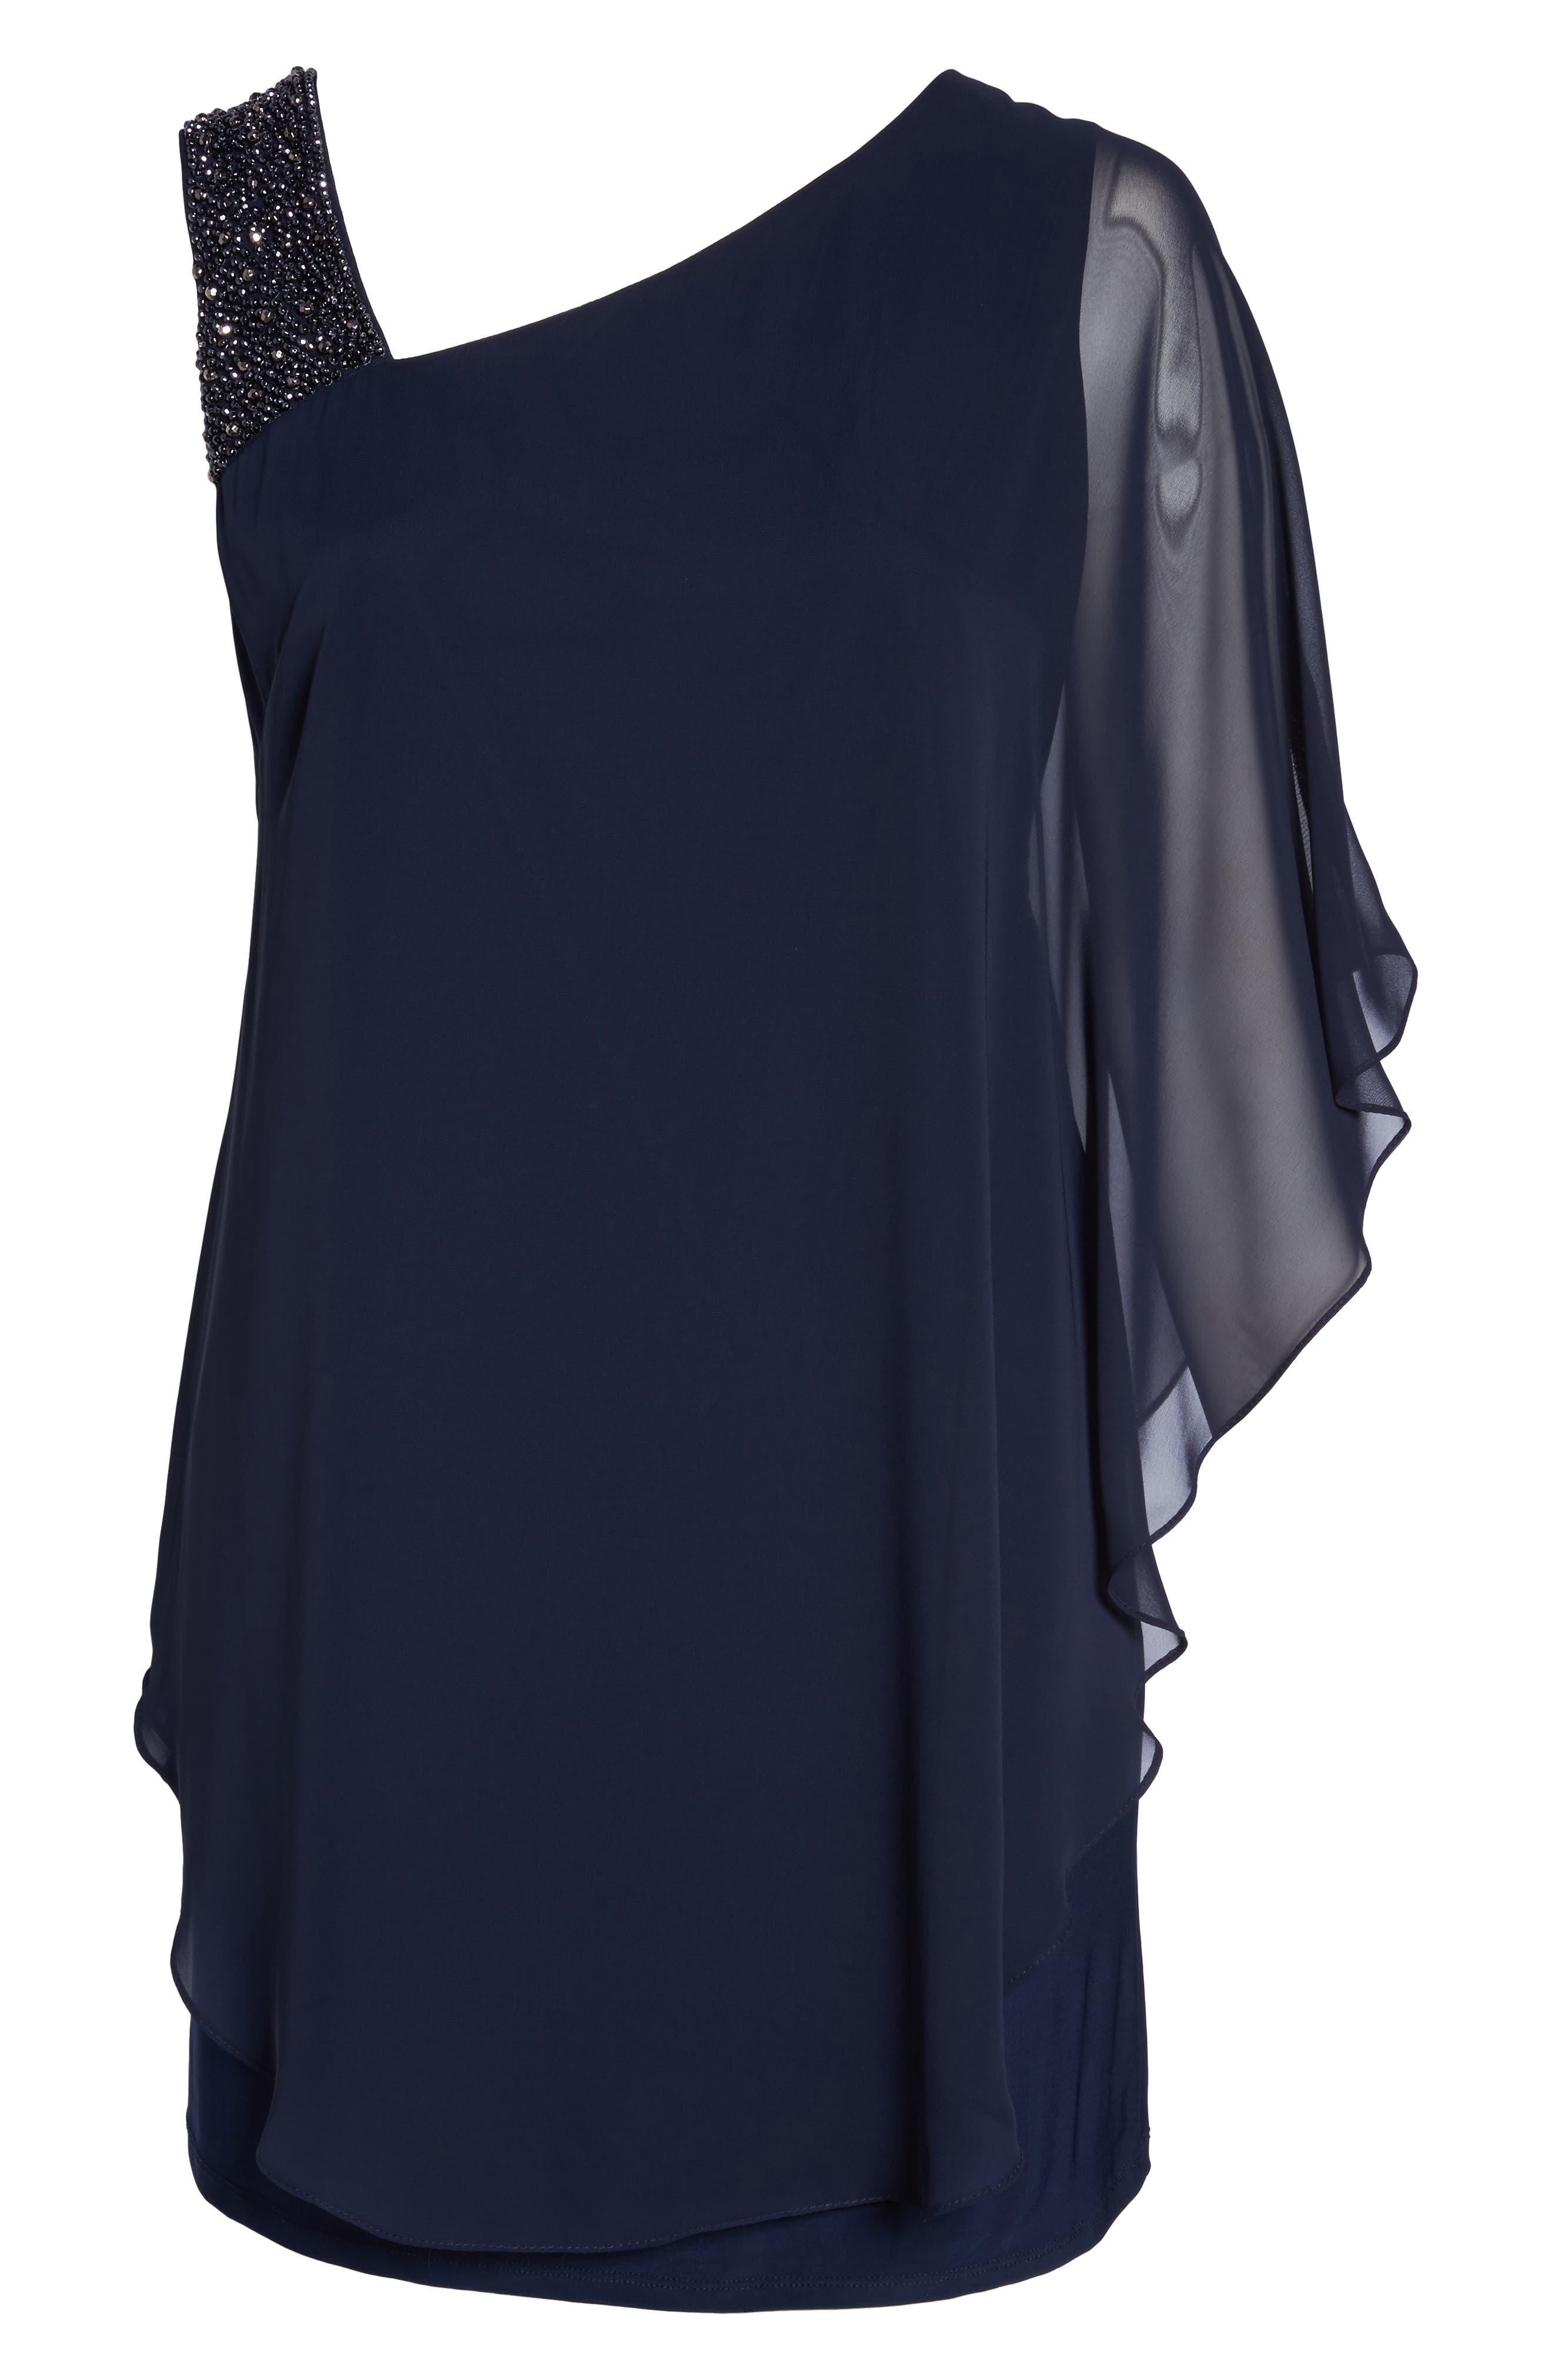 Embellished One-Shoulder Overlay Cocktail Dress,                             Alternate thumbnail 6, color,                             498